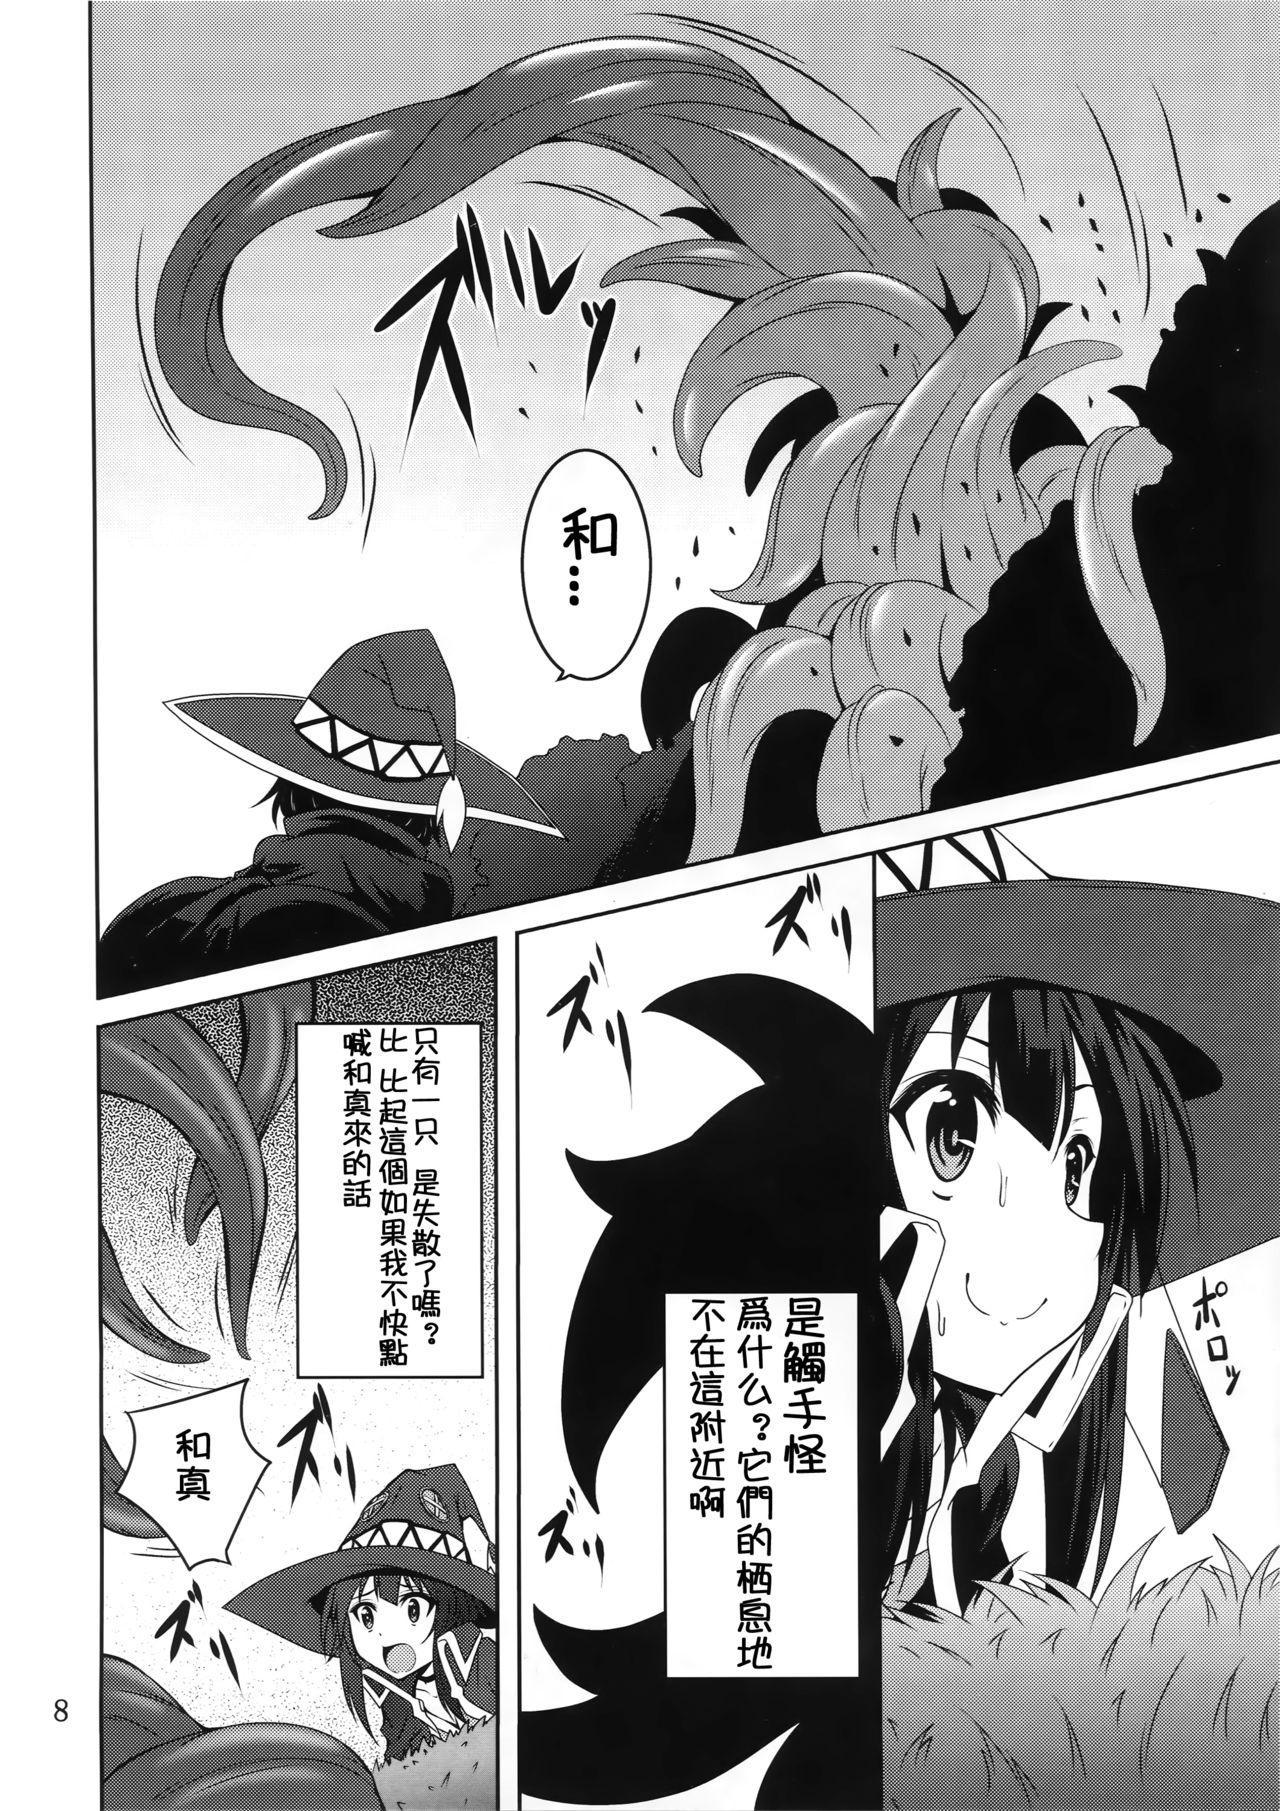 Megumin to Shokushu ni Syukufuku o! | Blessing upon Megumin and the Tentacles! 7